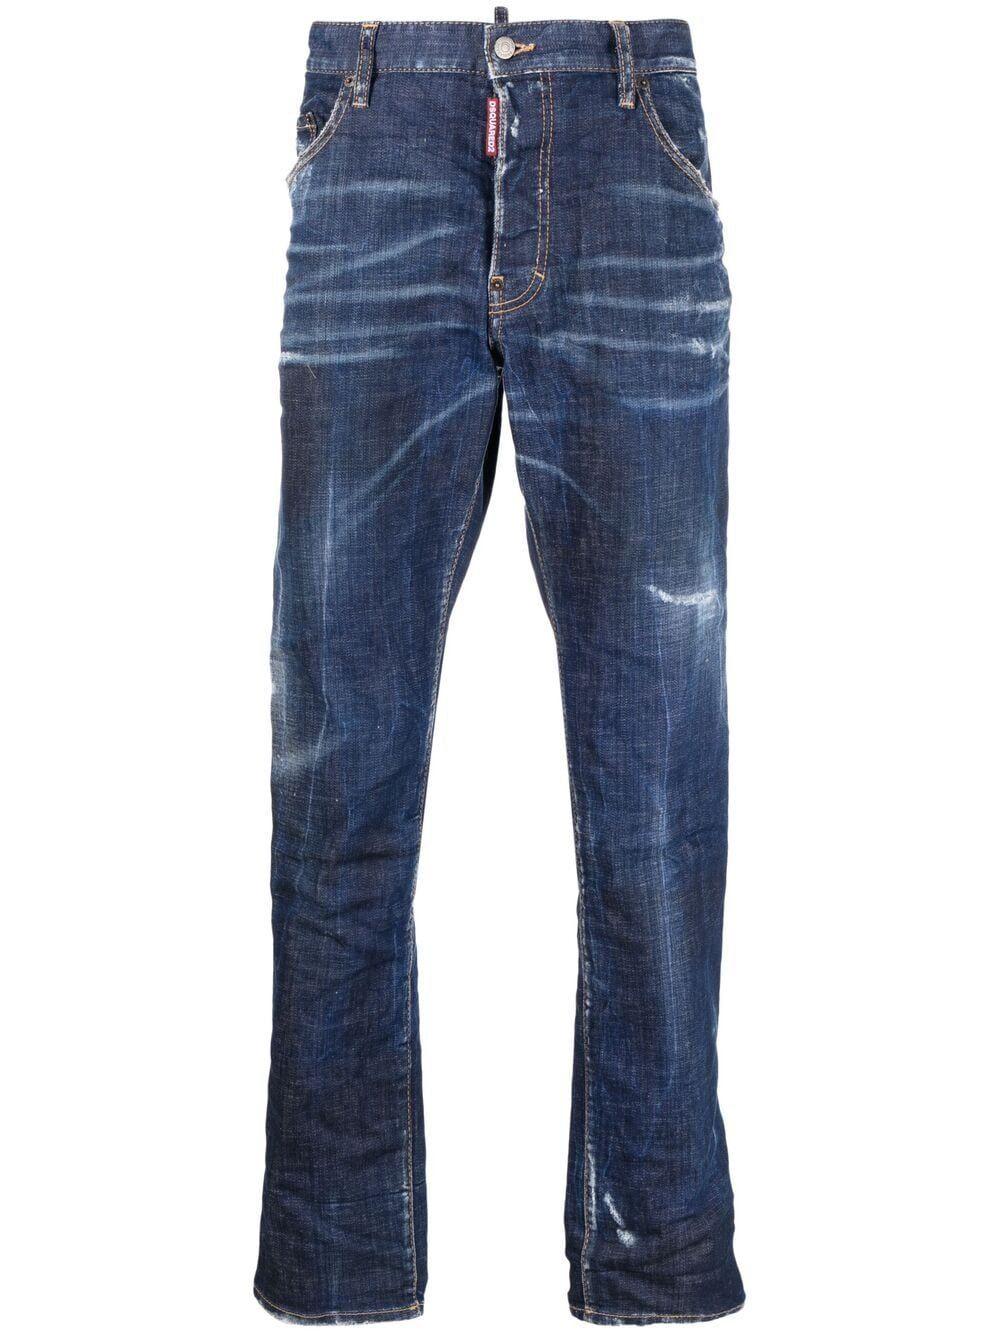 Jeans skater in cotone